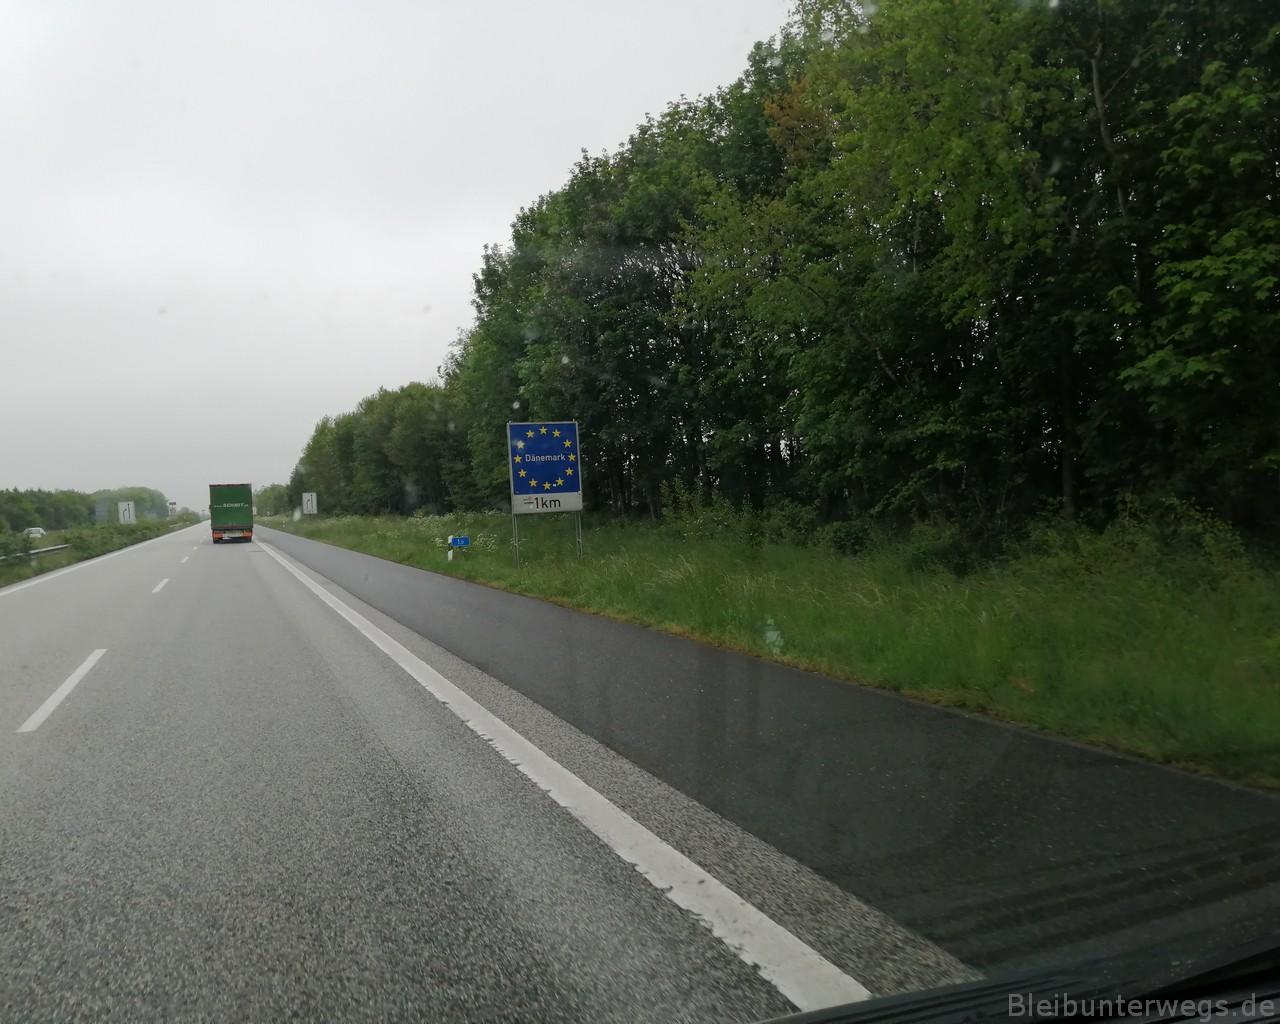 auf der Autobahn Richtung...